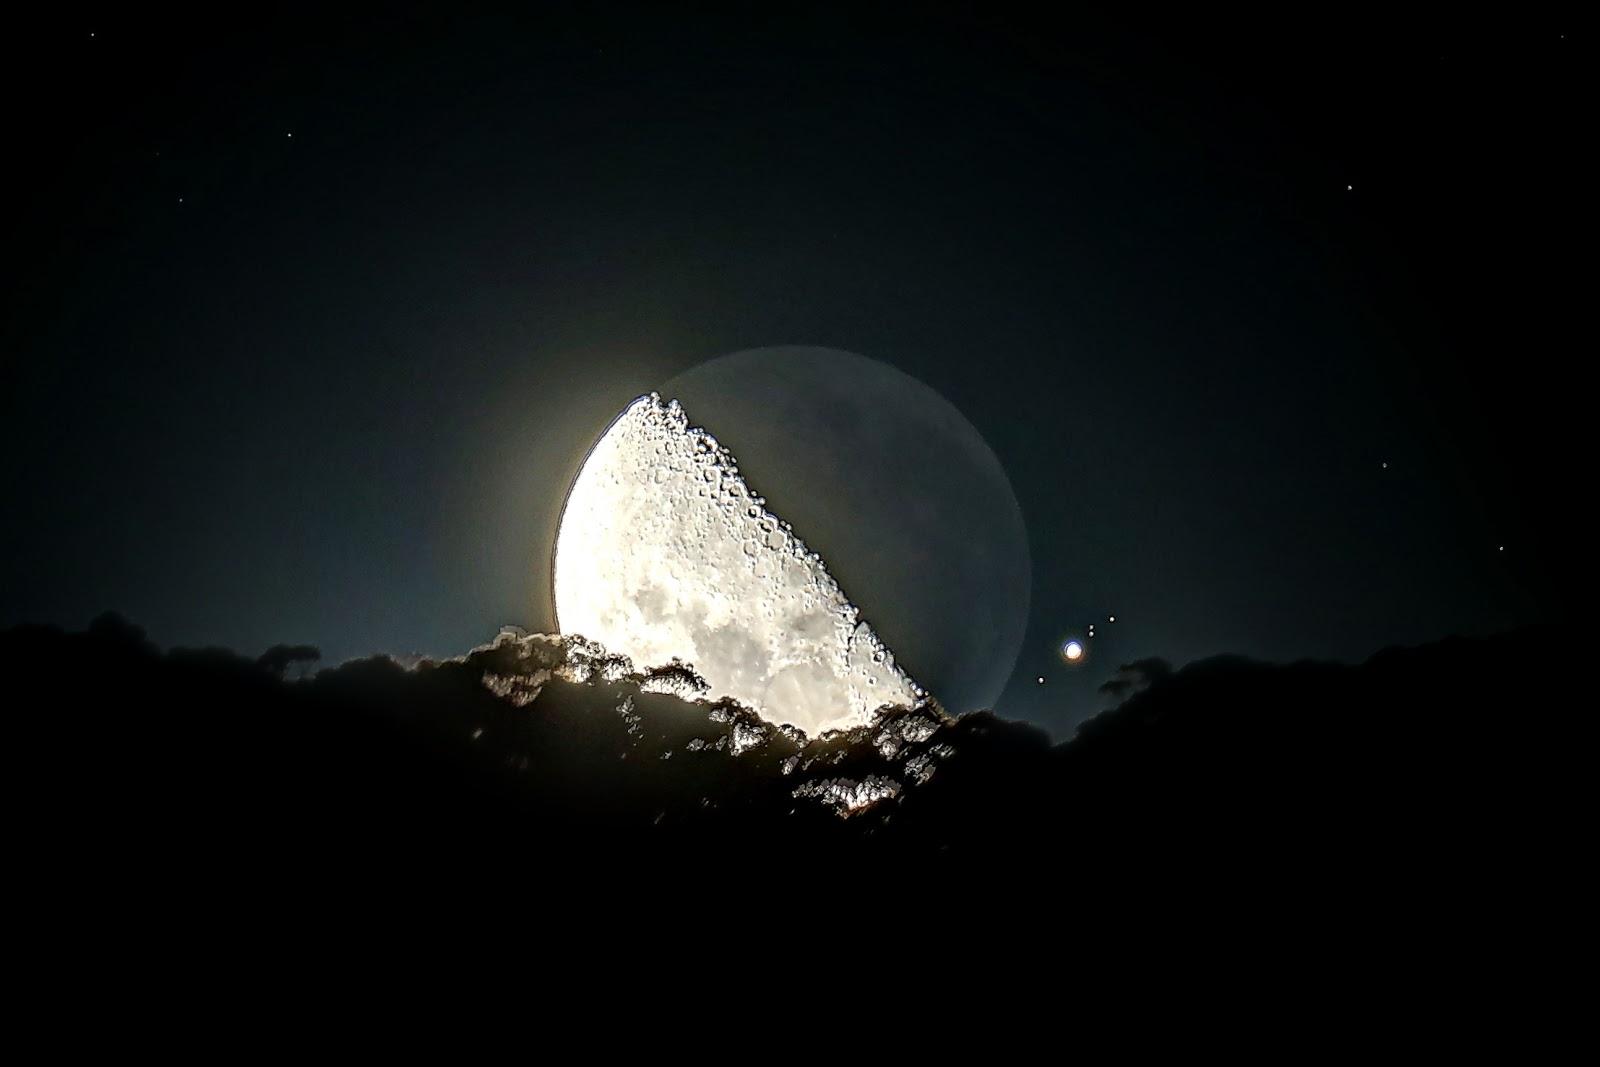 Hình này chỉ mang tánh chất minh họa, thực tế Mặt Trăng tối nay không phải bán nguyệt và hành tinh Mộc nằm xa hơn thế. Tác giả hình : blh2 trên mạng Reddit.